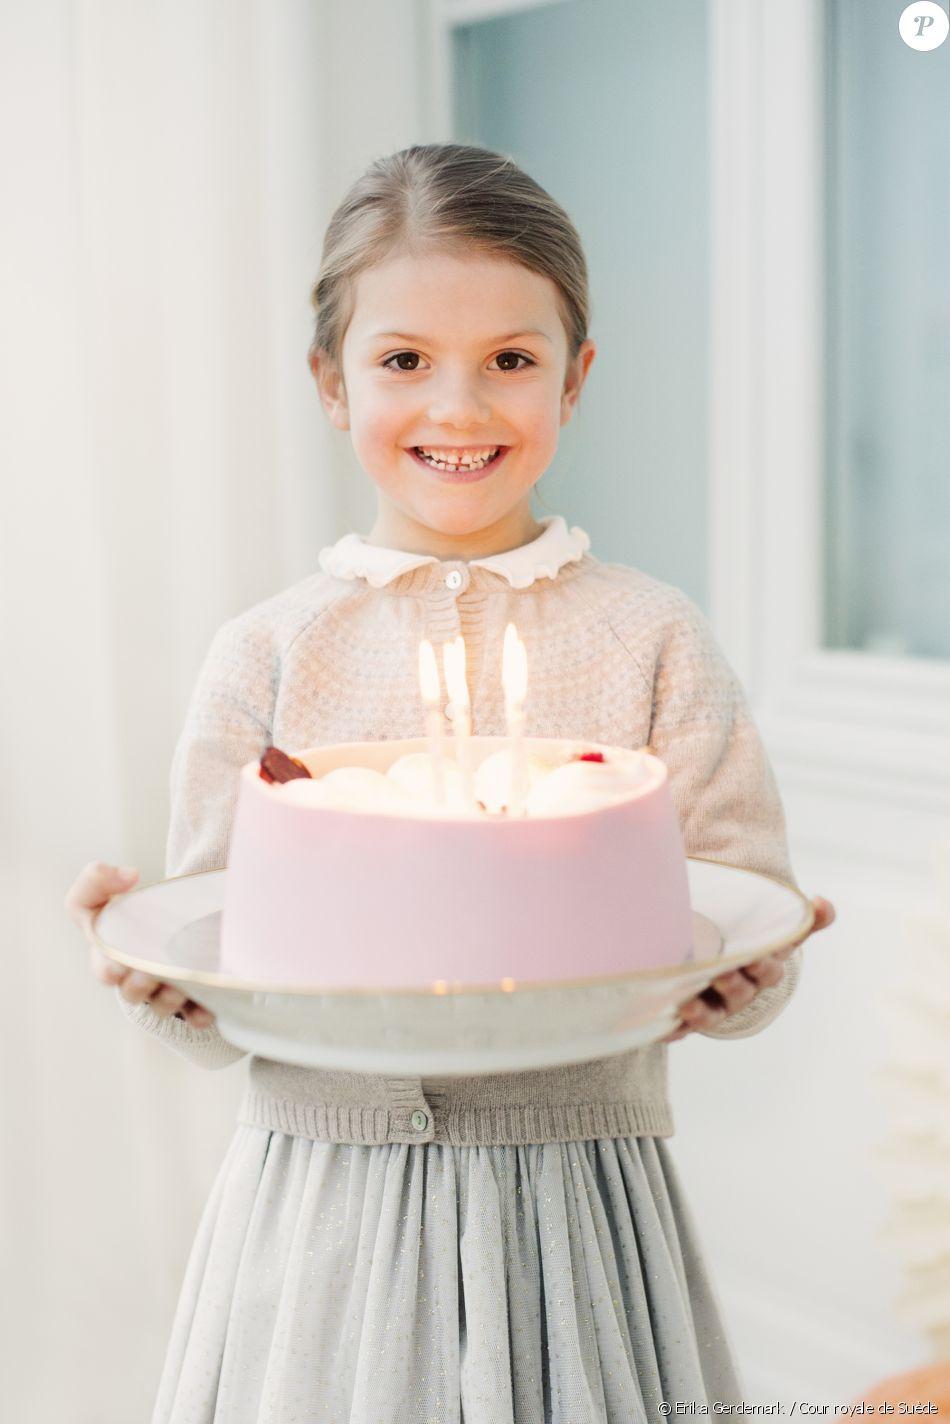 La princesse Estelle de Suède photographiée par Erika Gerdemark pour son 6e anniversaire, le 23 février 2018. © Erika Gerdemark / Cour royale de Suède